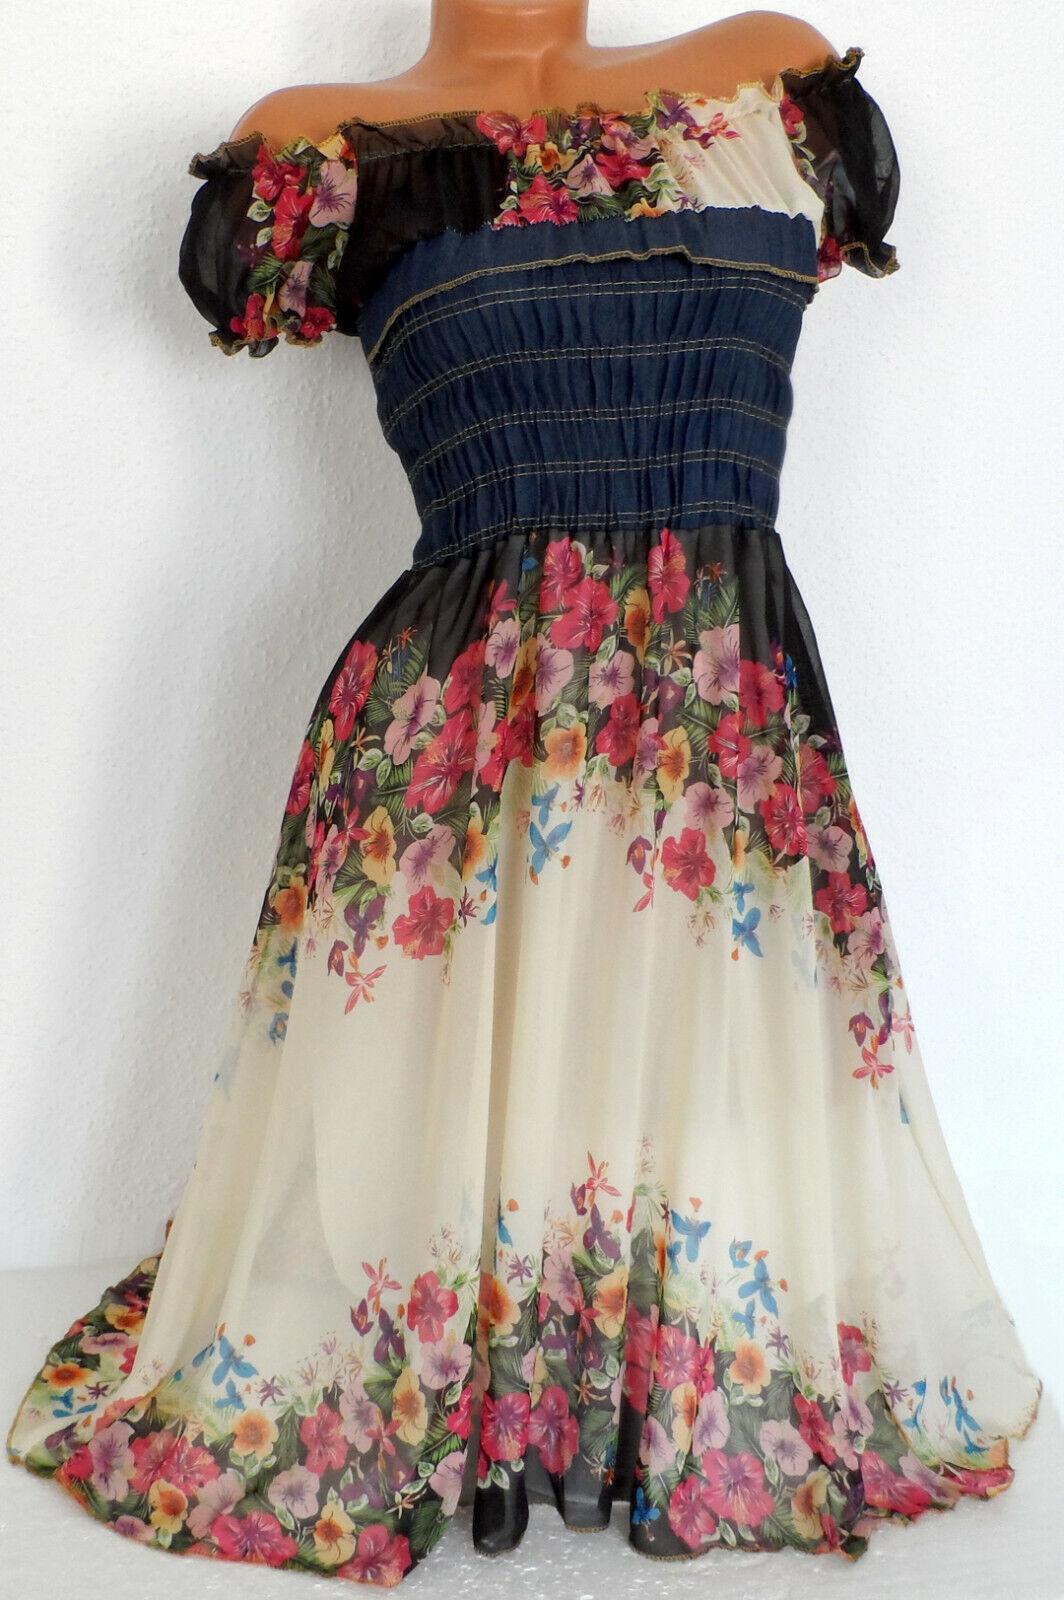 Schöne Kleid Aus Chiffon N?Hen Fotos - Bilder und Bewertung